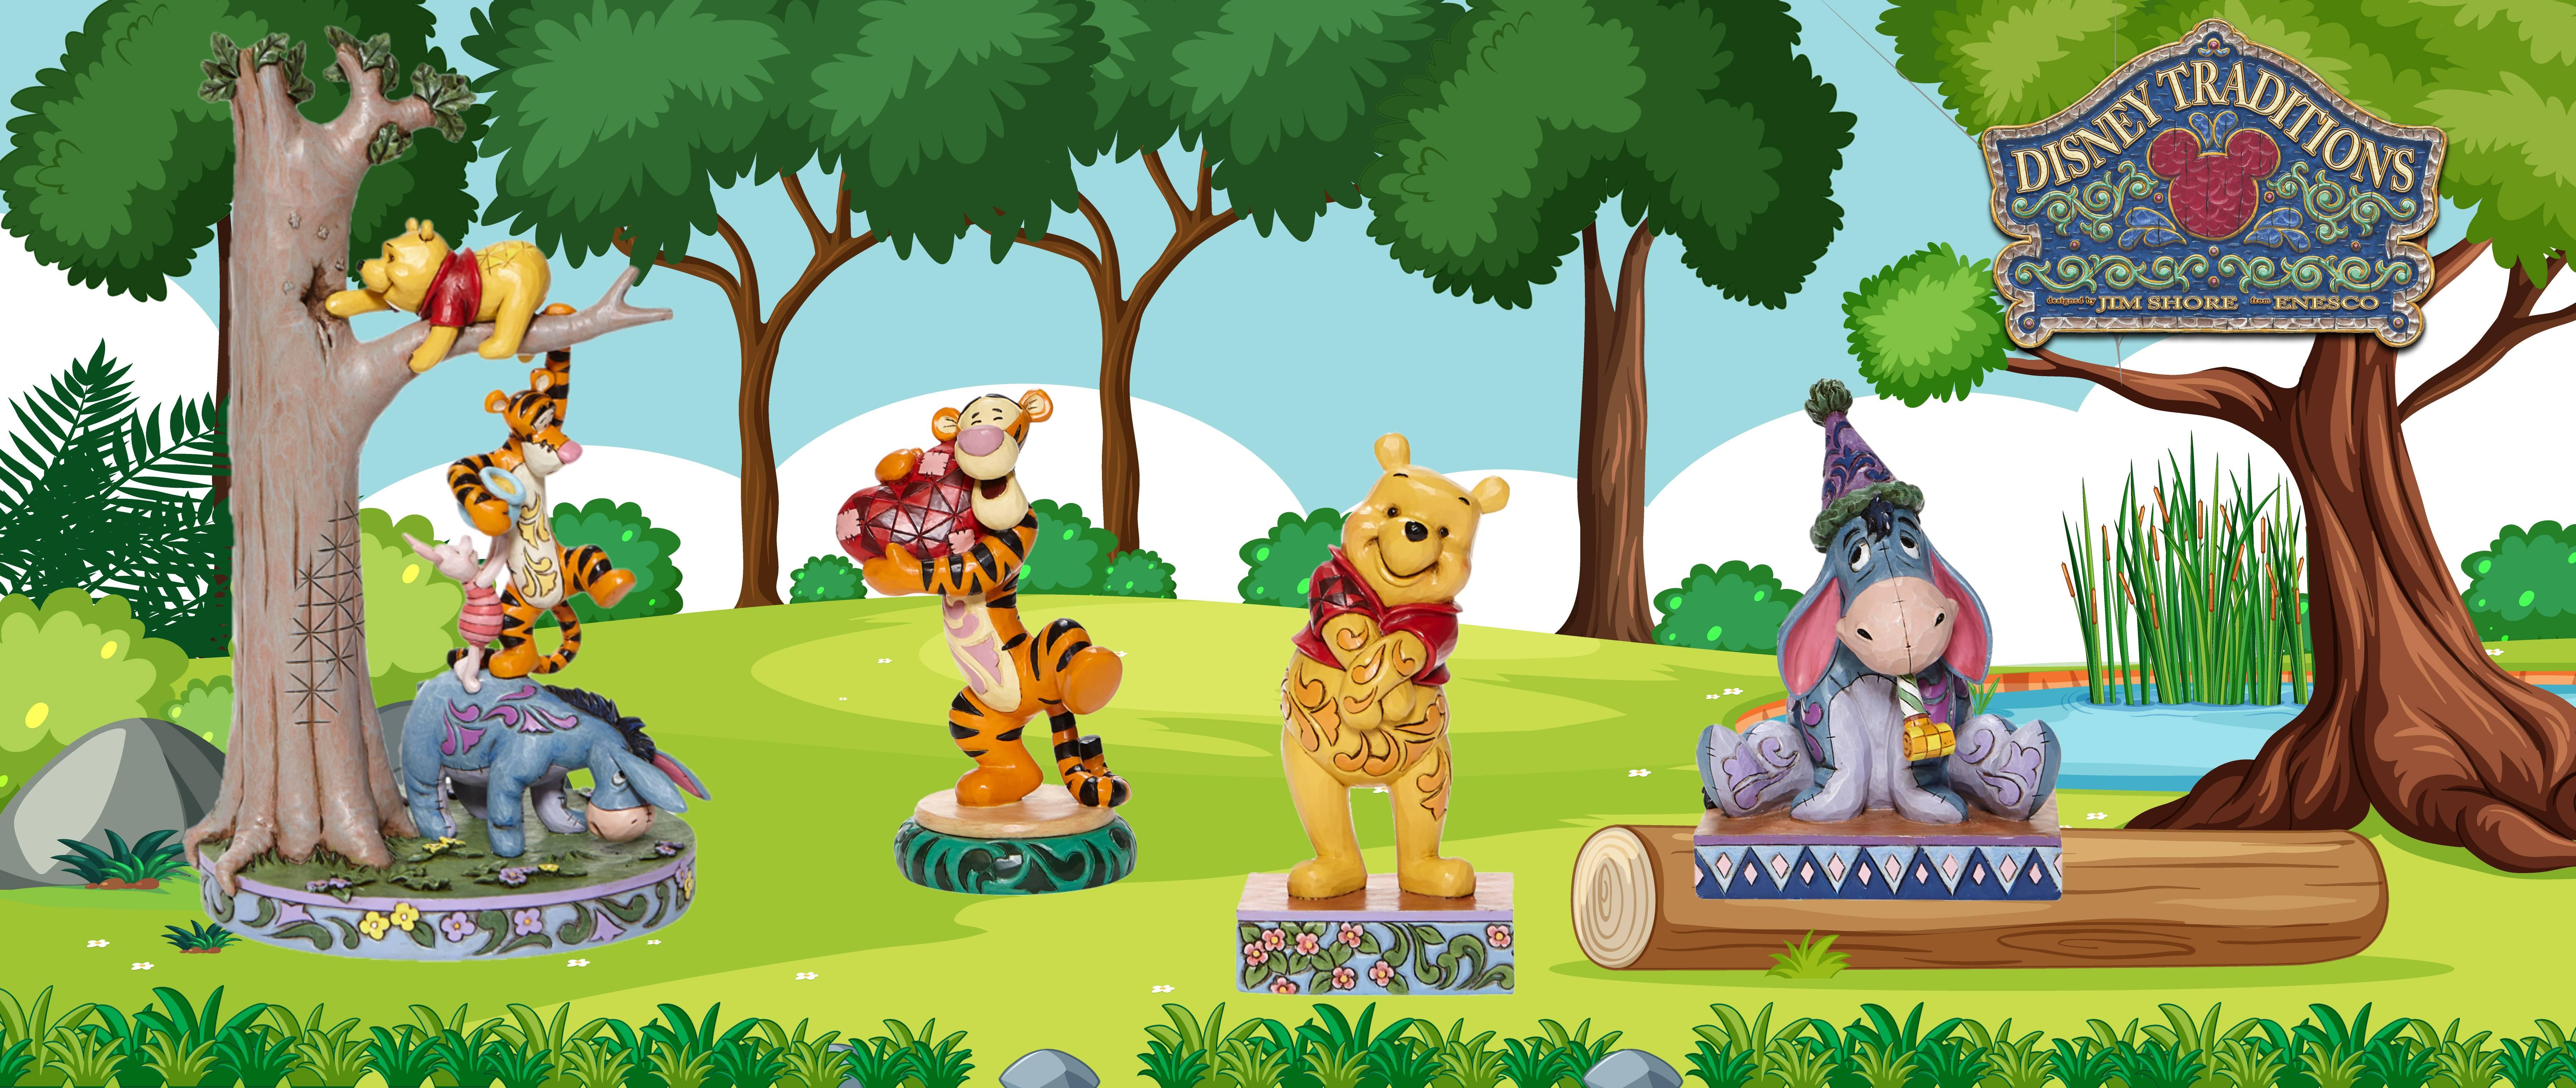 Banner-Winnie-Pooh